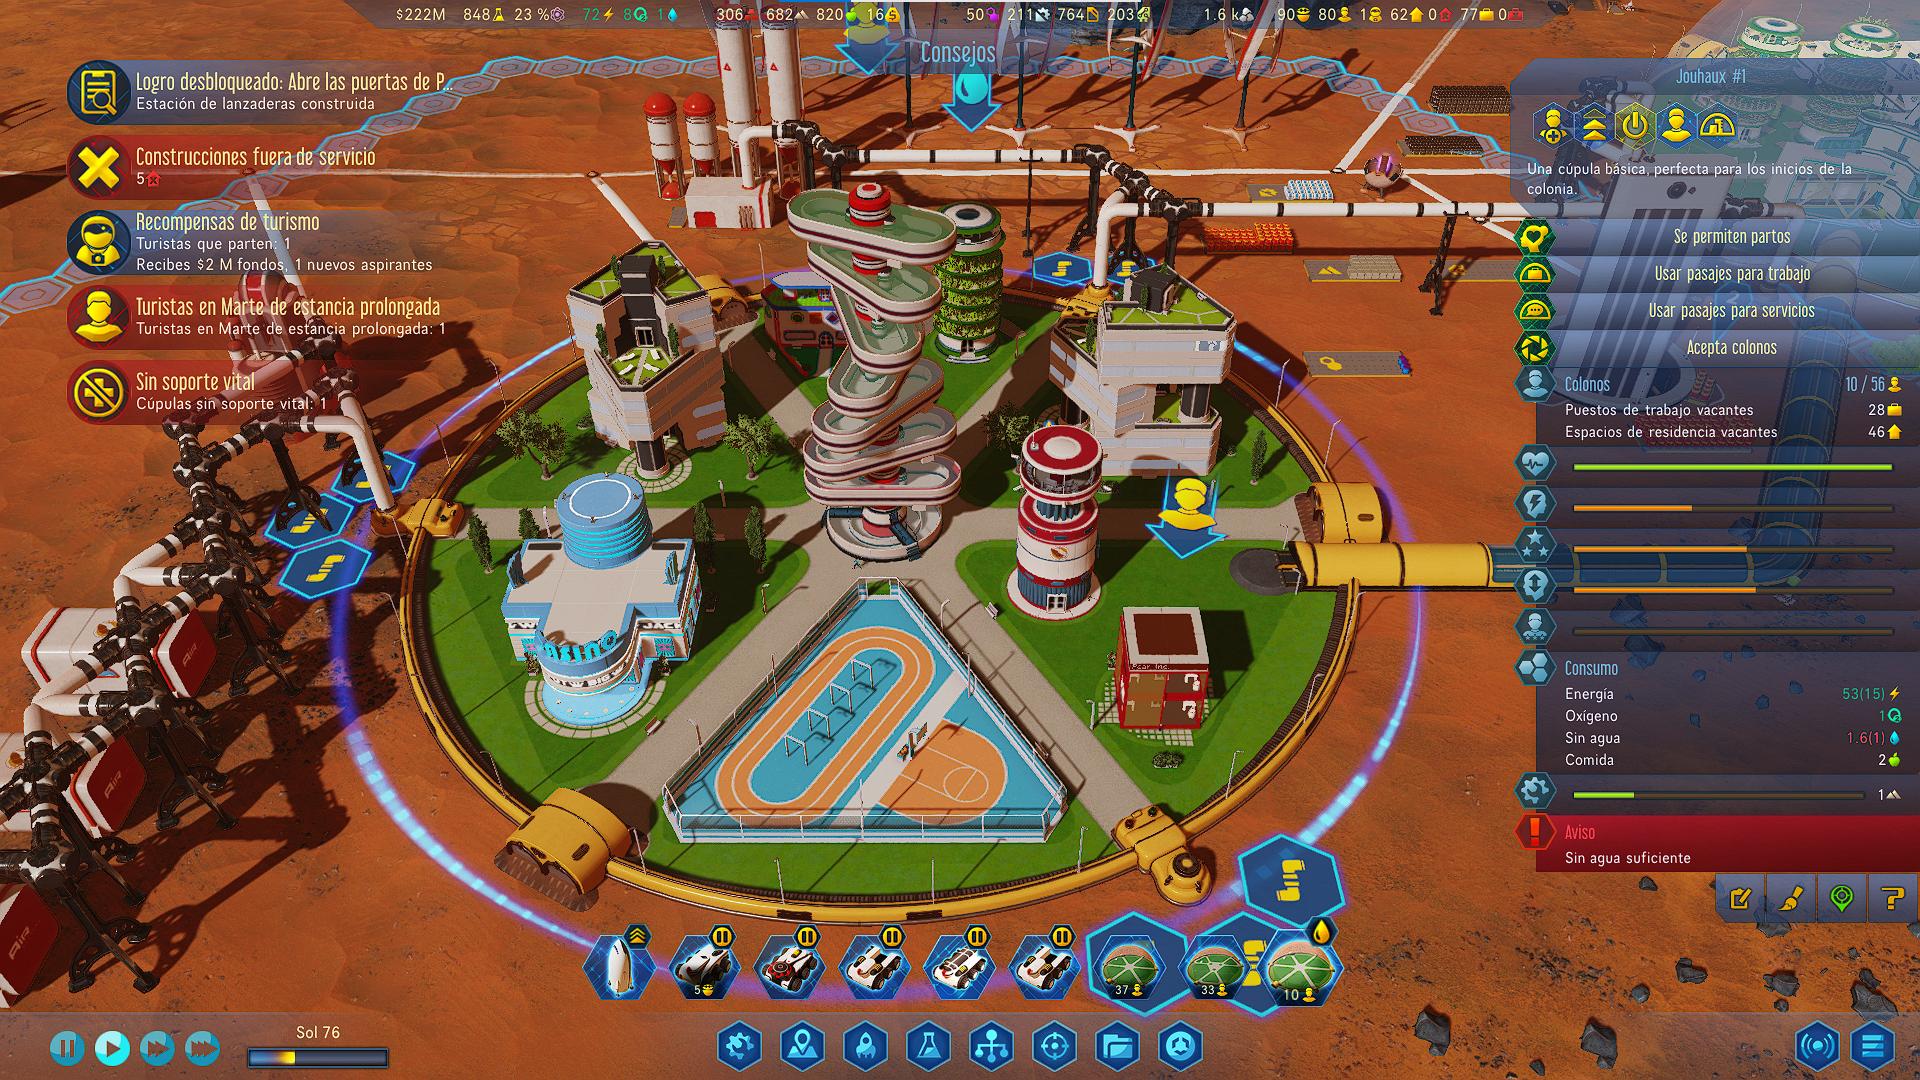 Administración de una de las cúpulas habitacionales de Surviving Mars